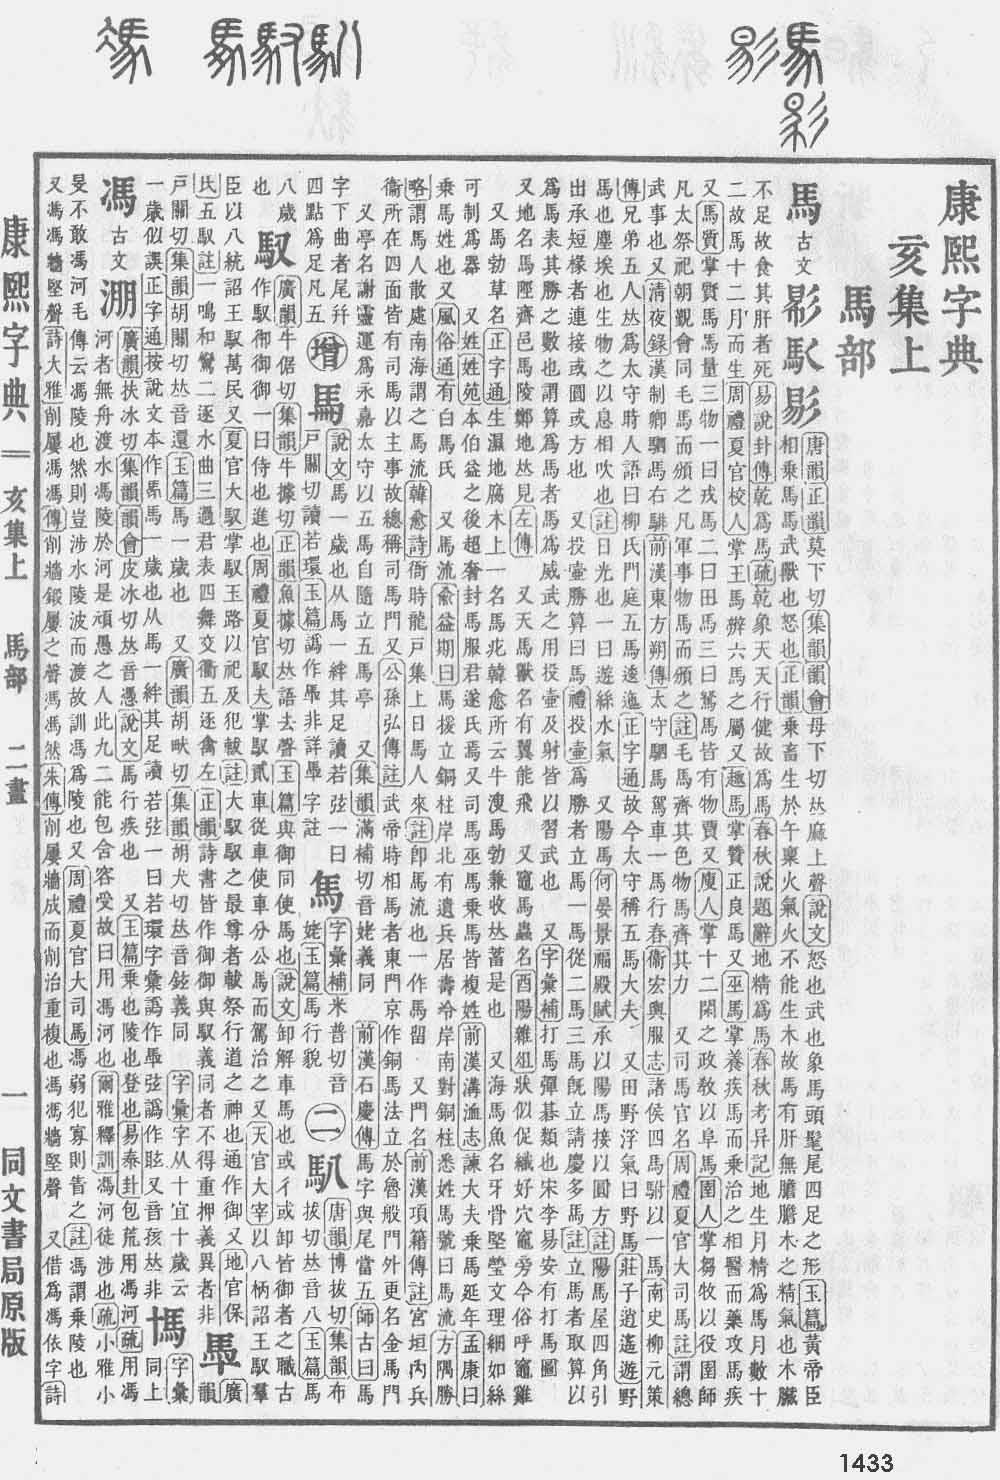 《康熙字典》第1433页